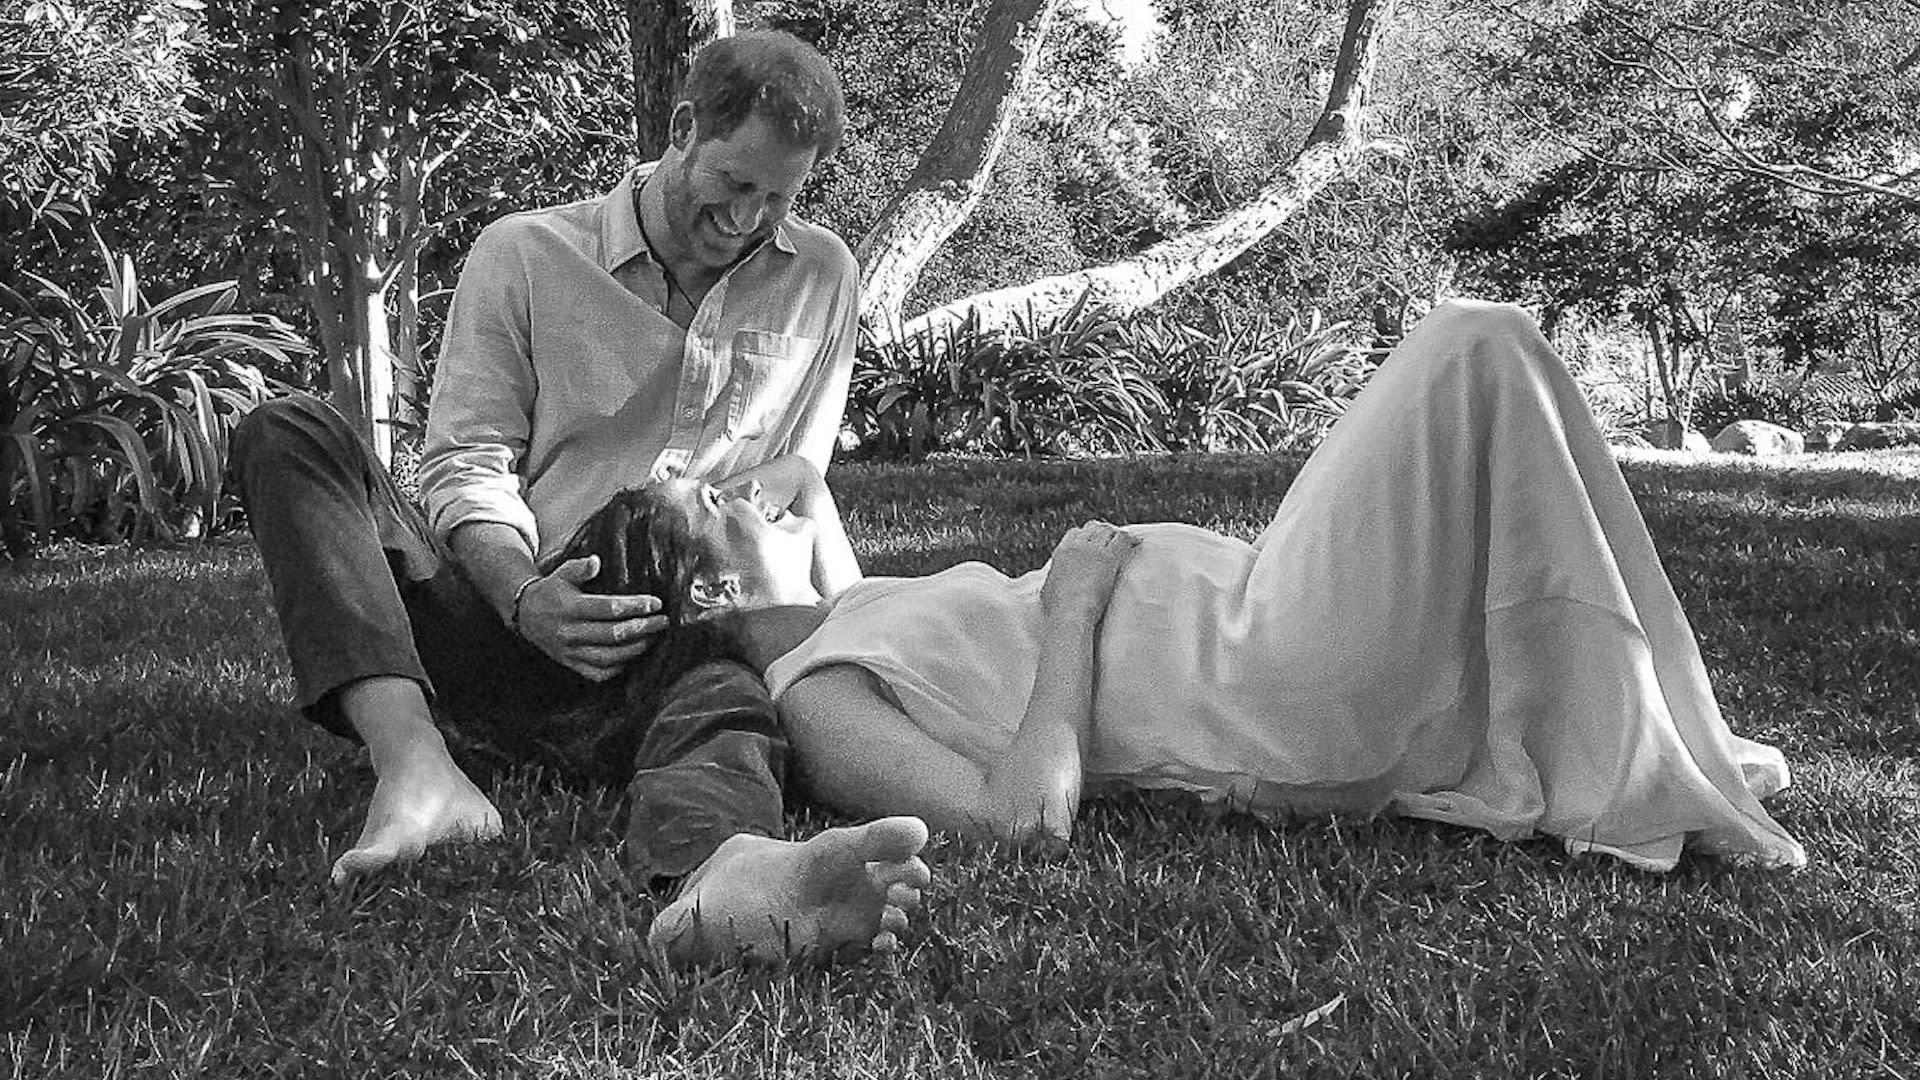 تعرف إلى تفاصيل صورة إعلان انتظار مولود الأمير هاري وميغان ماركل..من التقطها؟